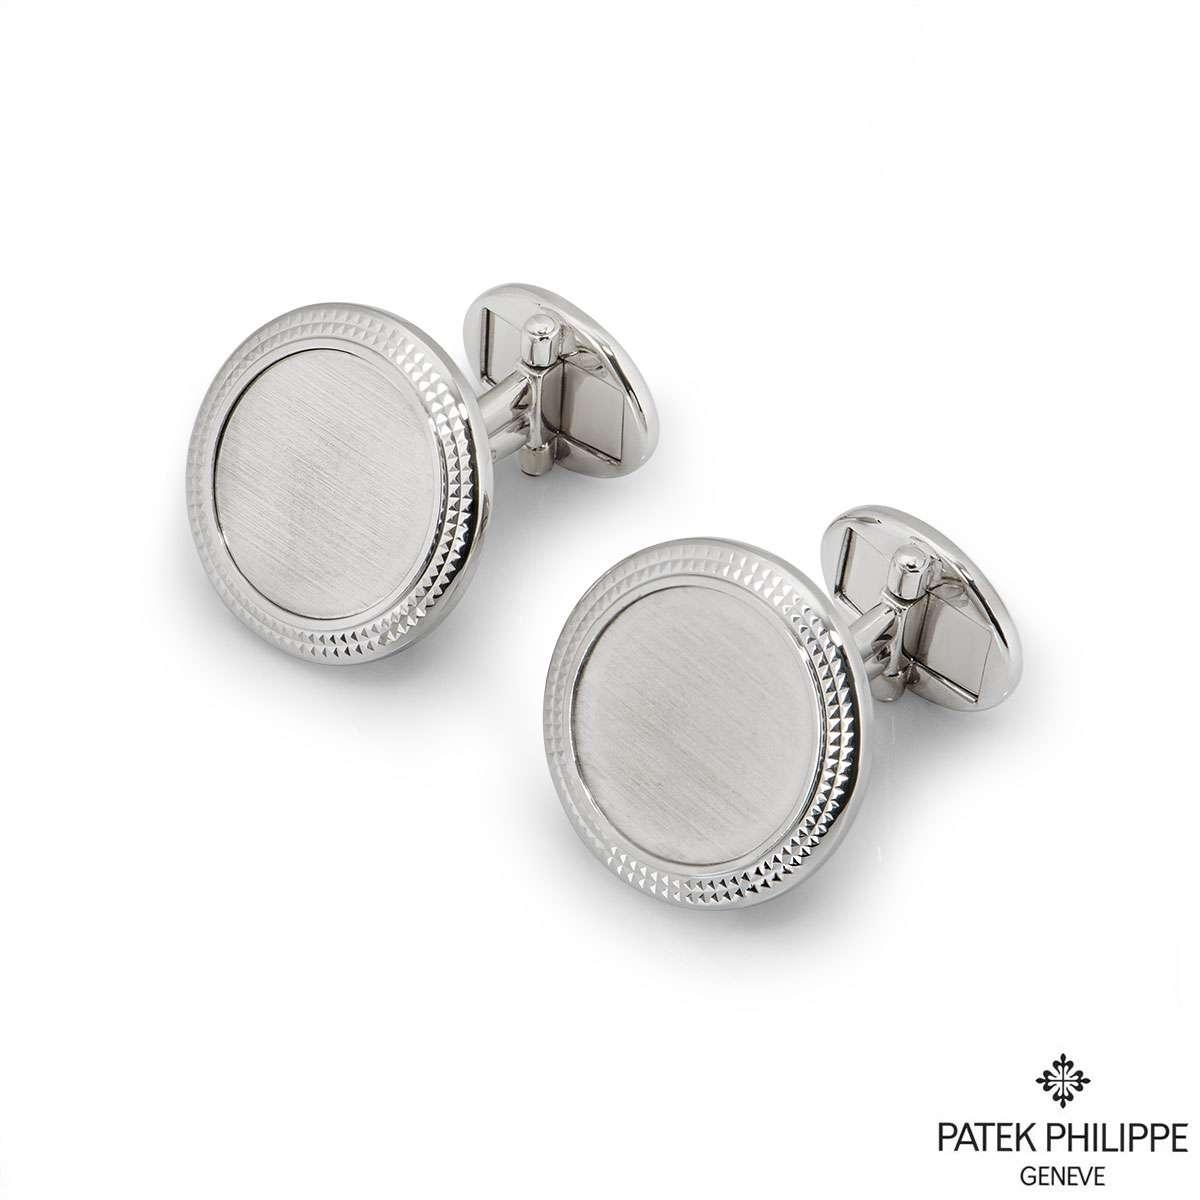 Patek Philippe White Gold Calatrava Cufflinks